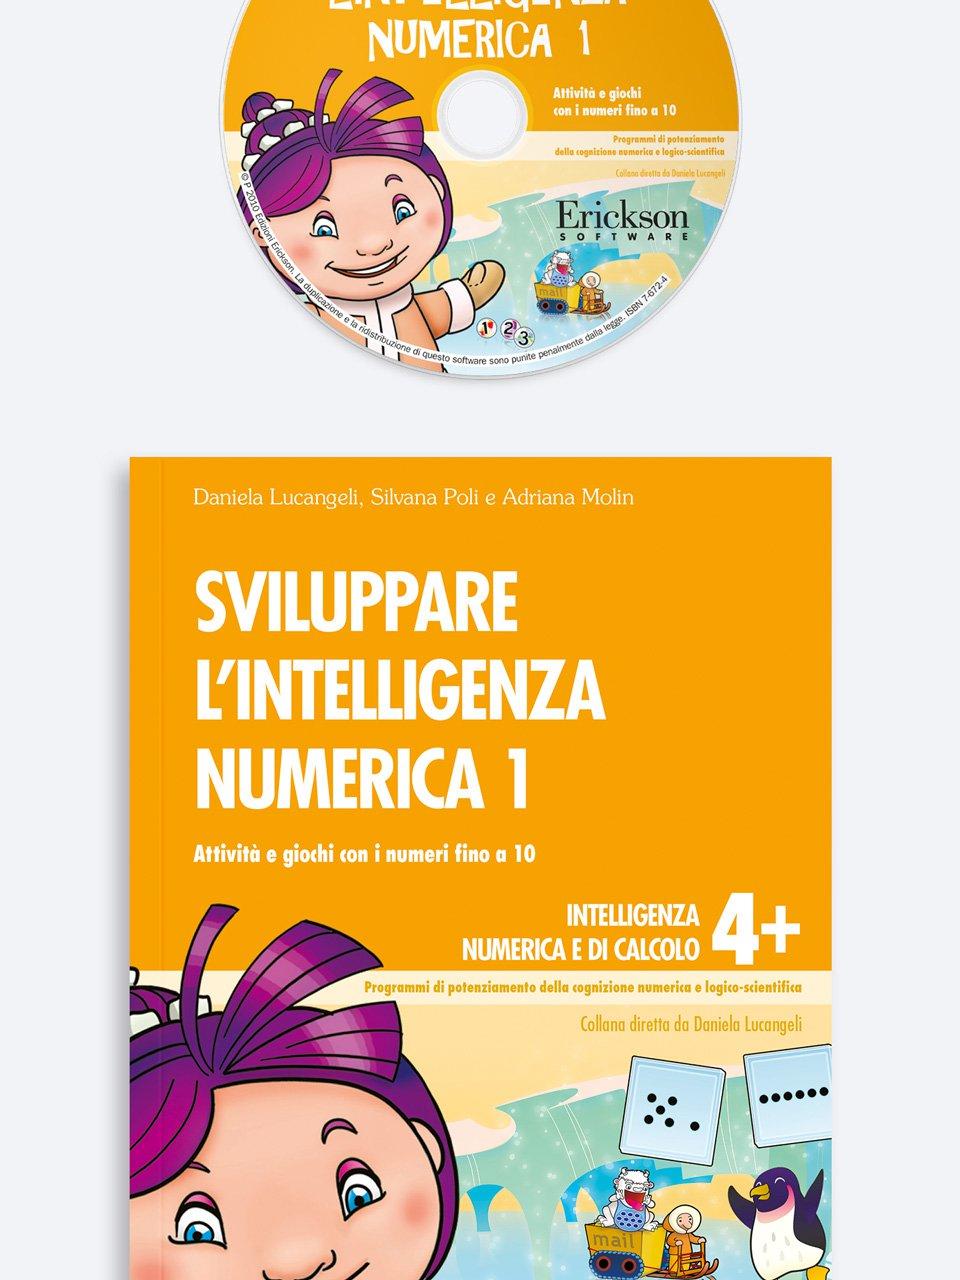 Sviluppare l'intelligenza numerica 1 - Test ABCA - Abilità di calcolo aritmetico - Libri - Erickson